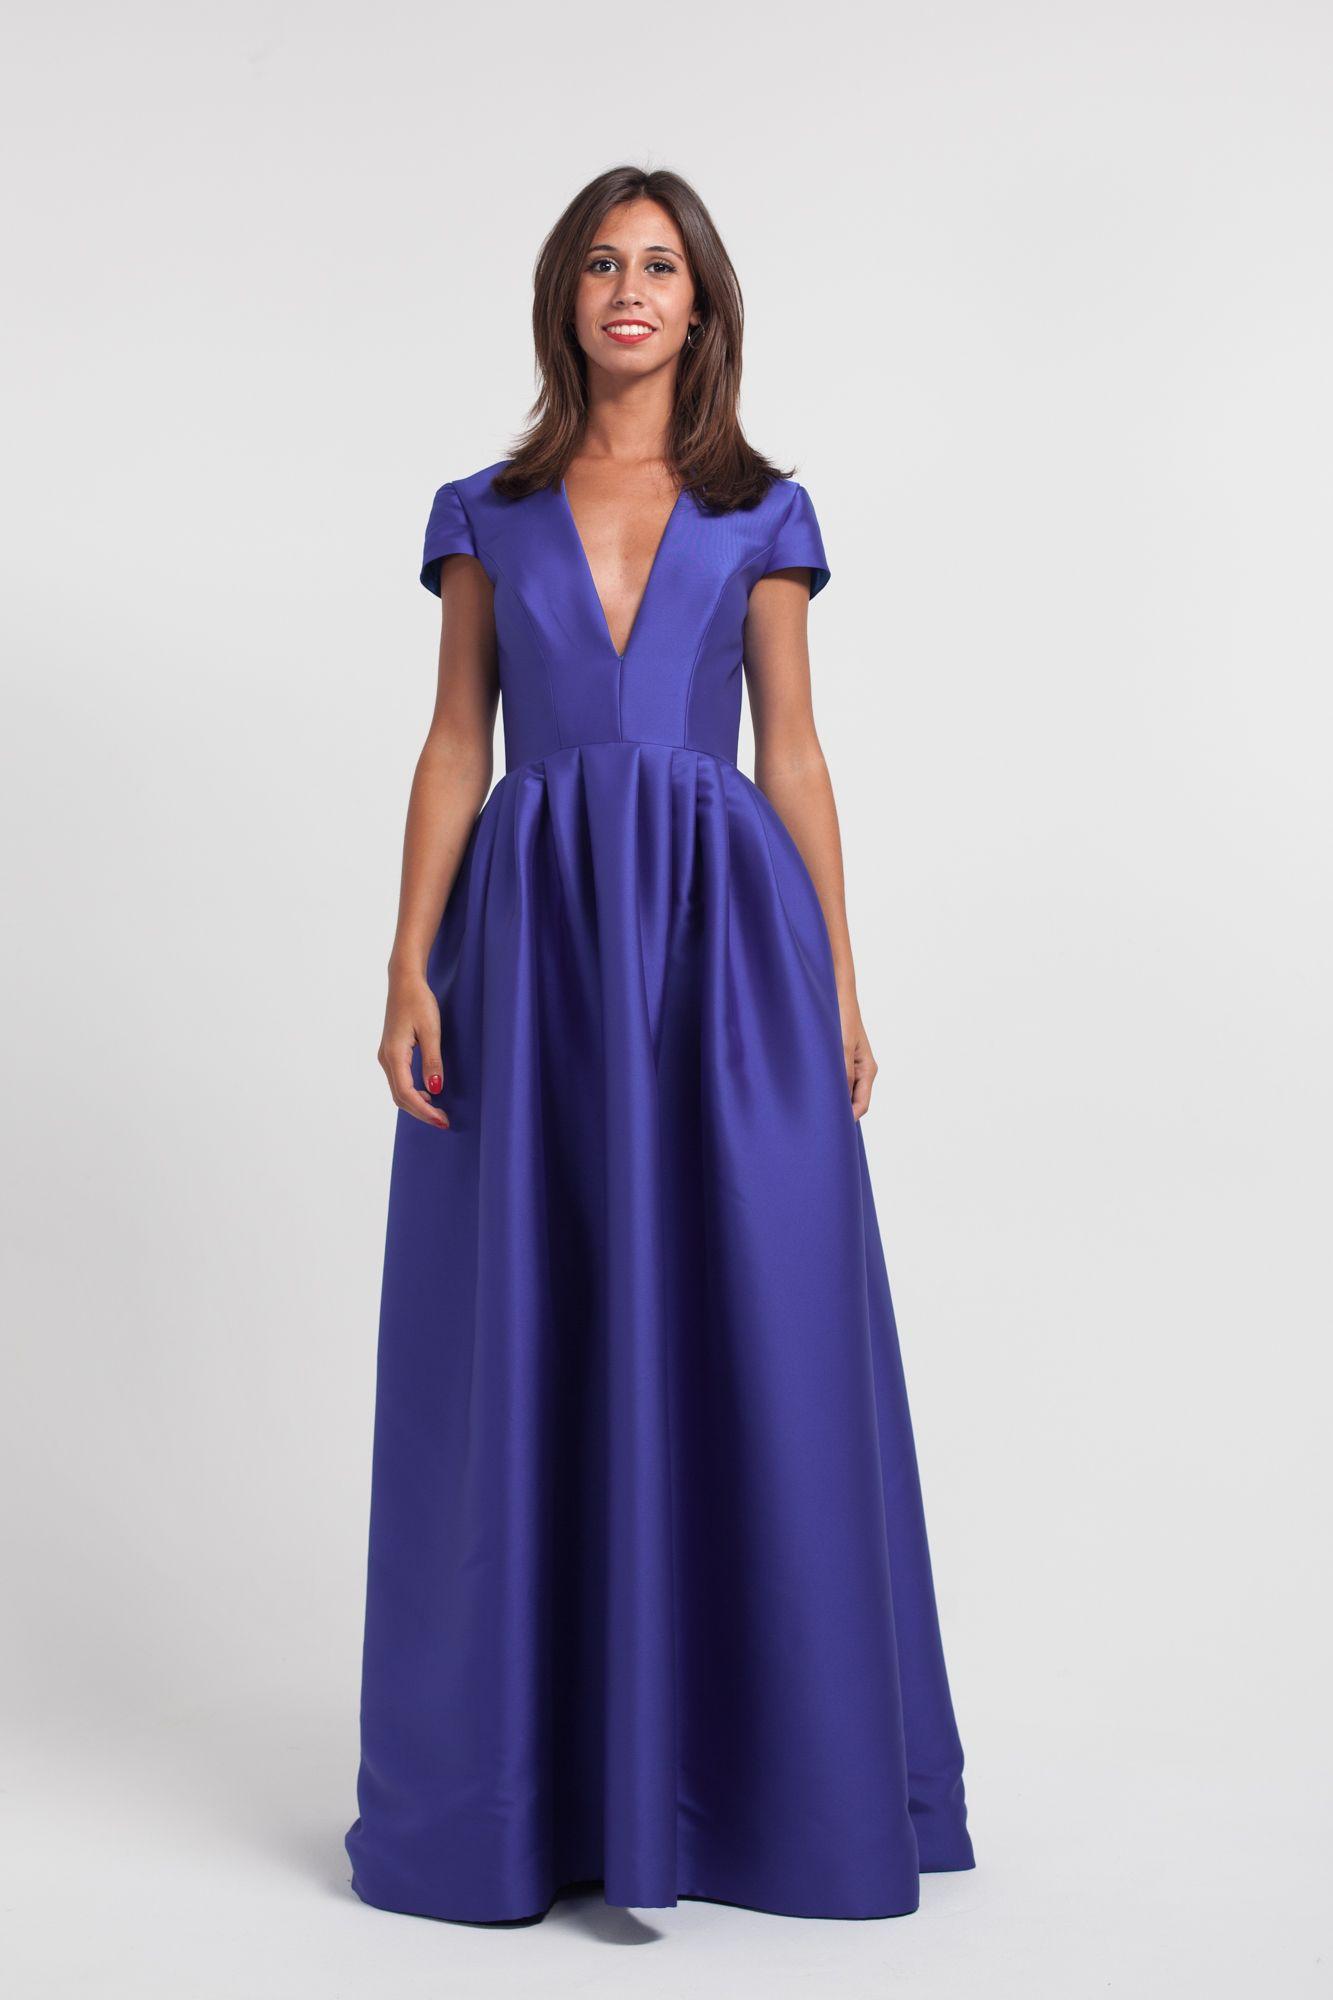 Vestido Cineraria de Esther Noriega | Vestidos largos en alquiler ...